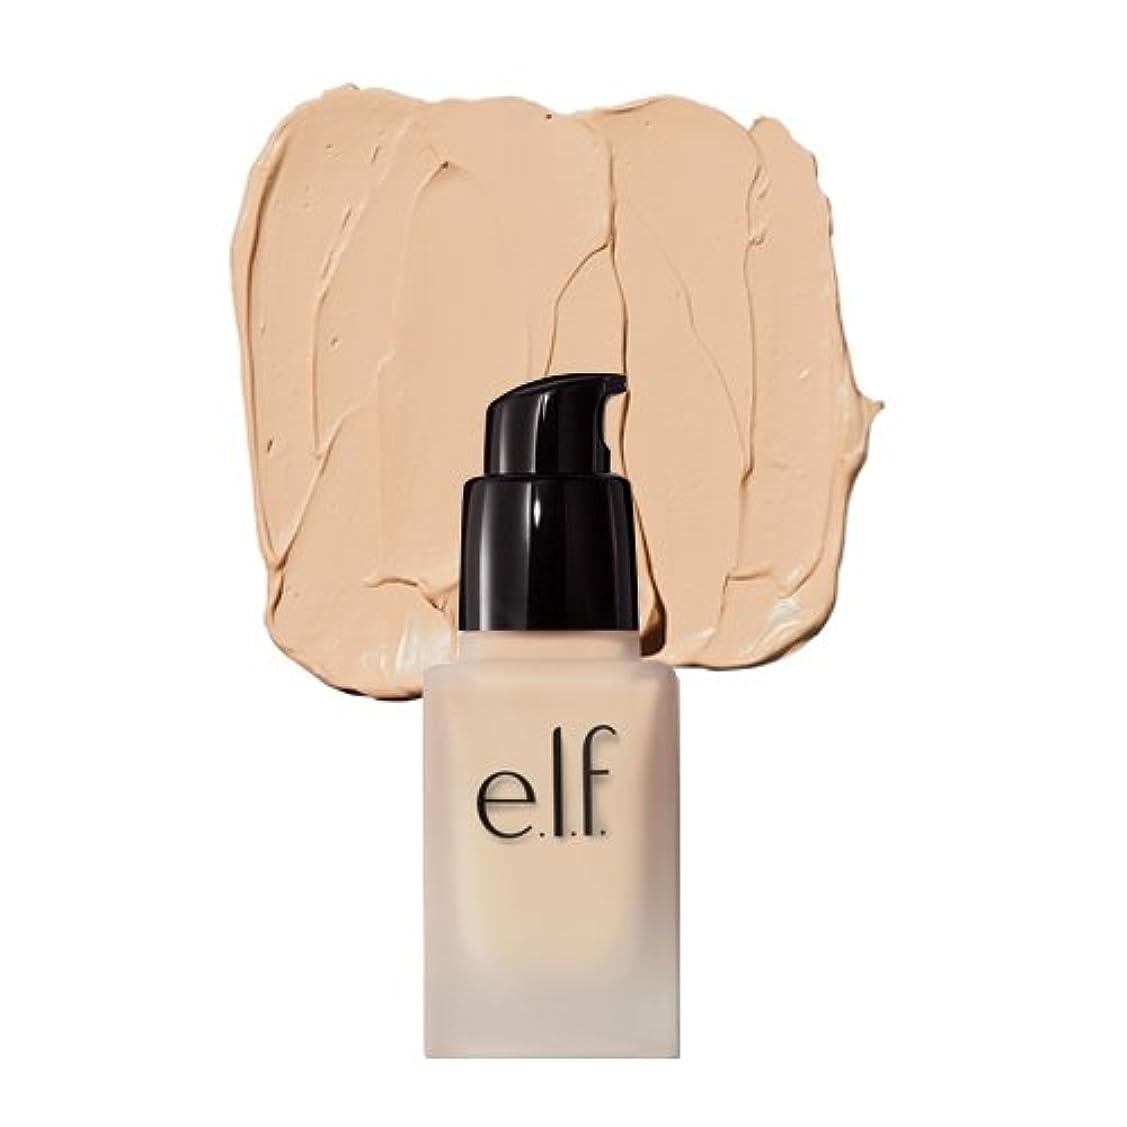 実質的にカップルデコードする(6 Pack) e.l.f. Oil Free Flawless Finish Foundation - Light Ivory (並行輸入品)